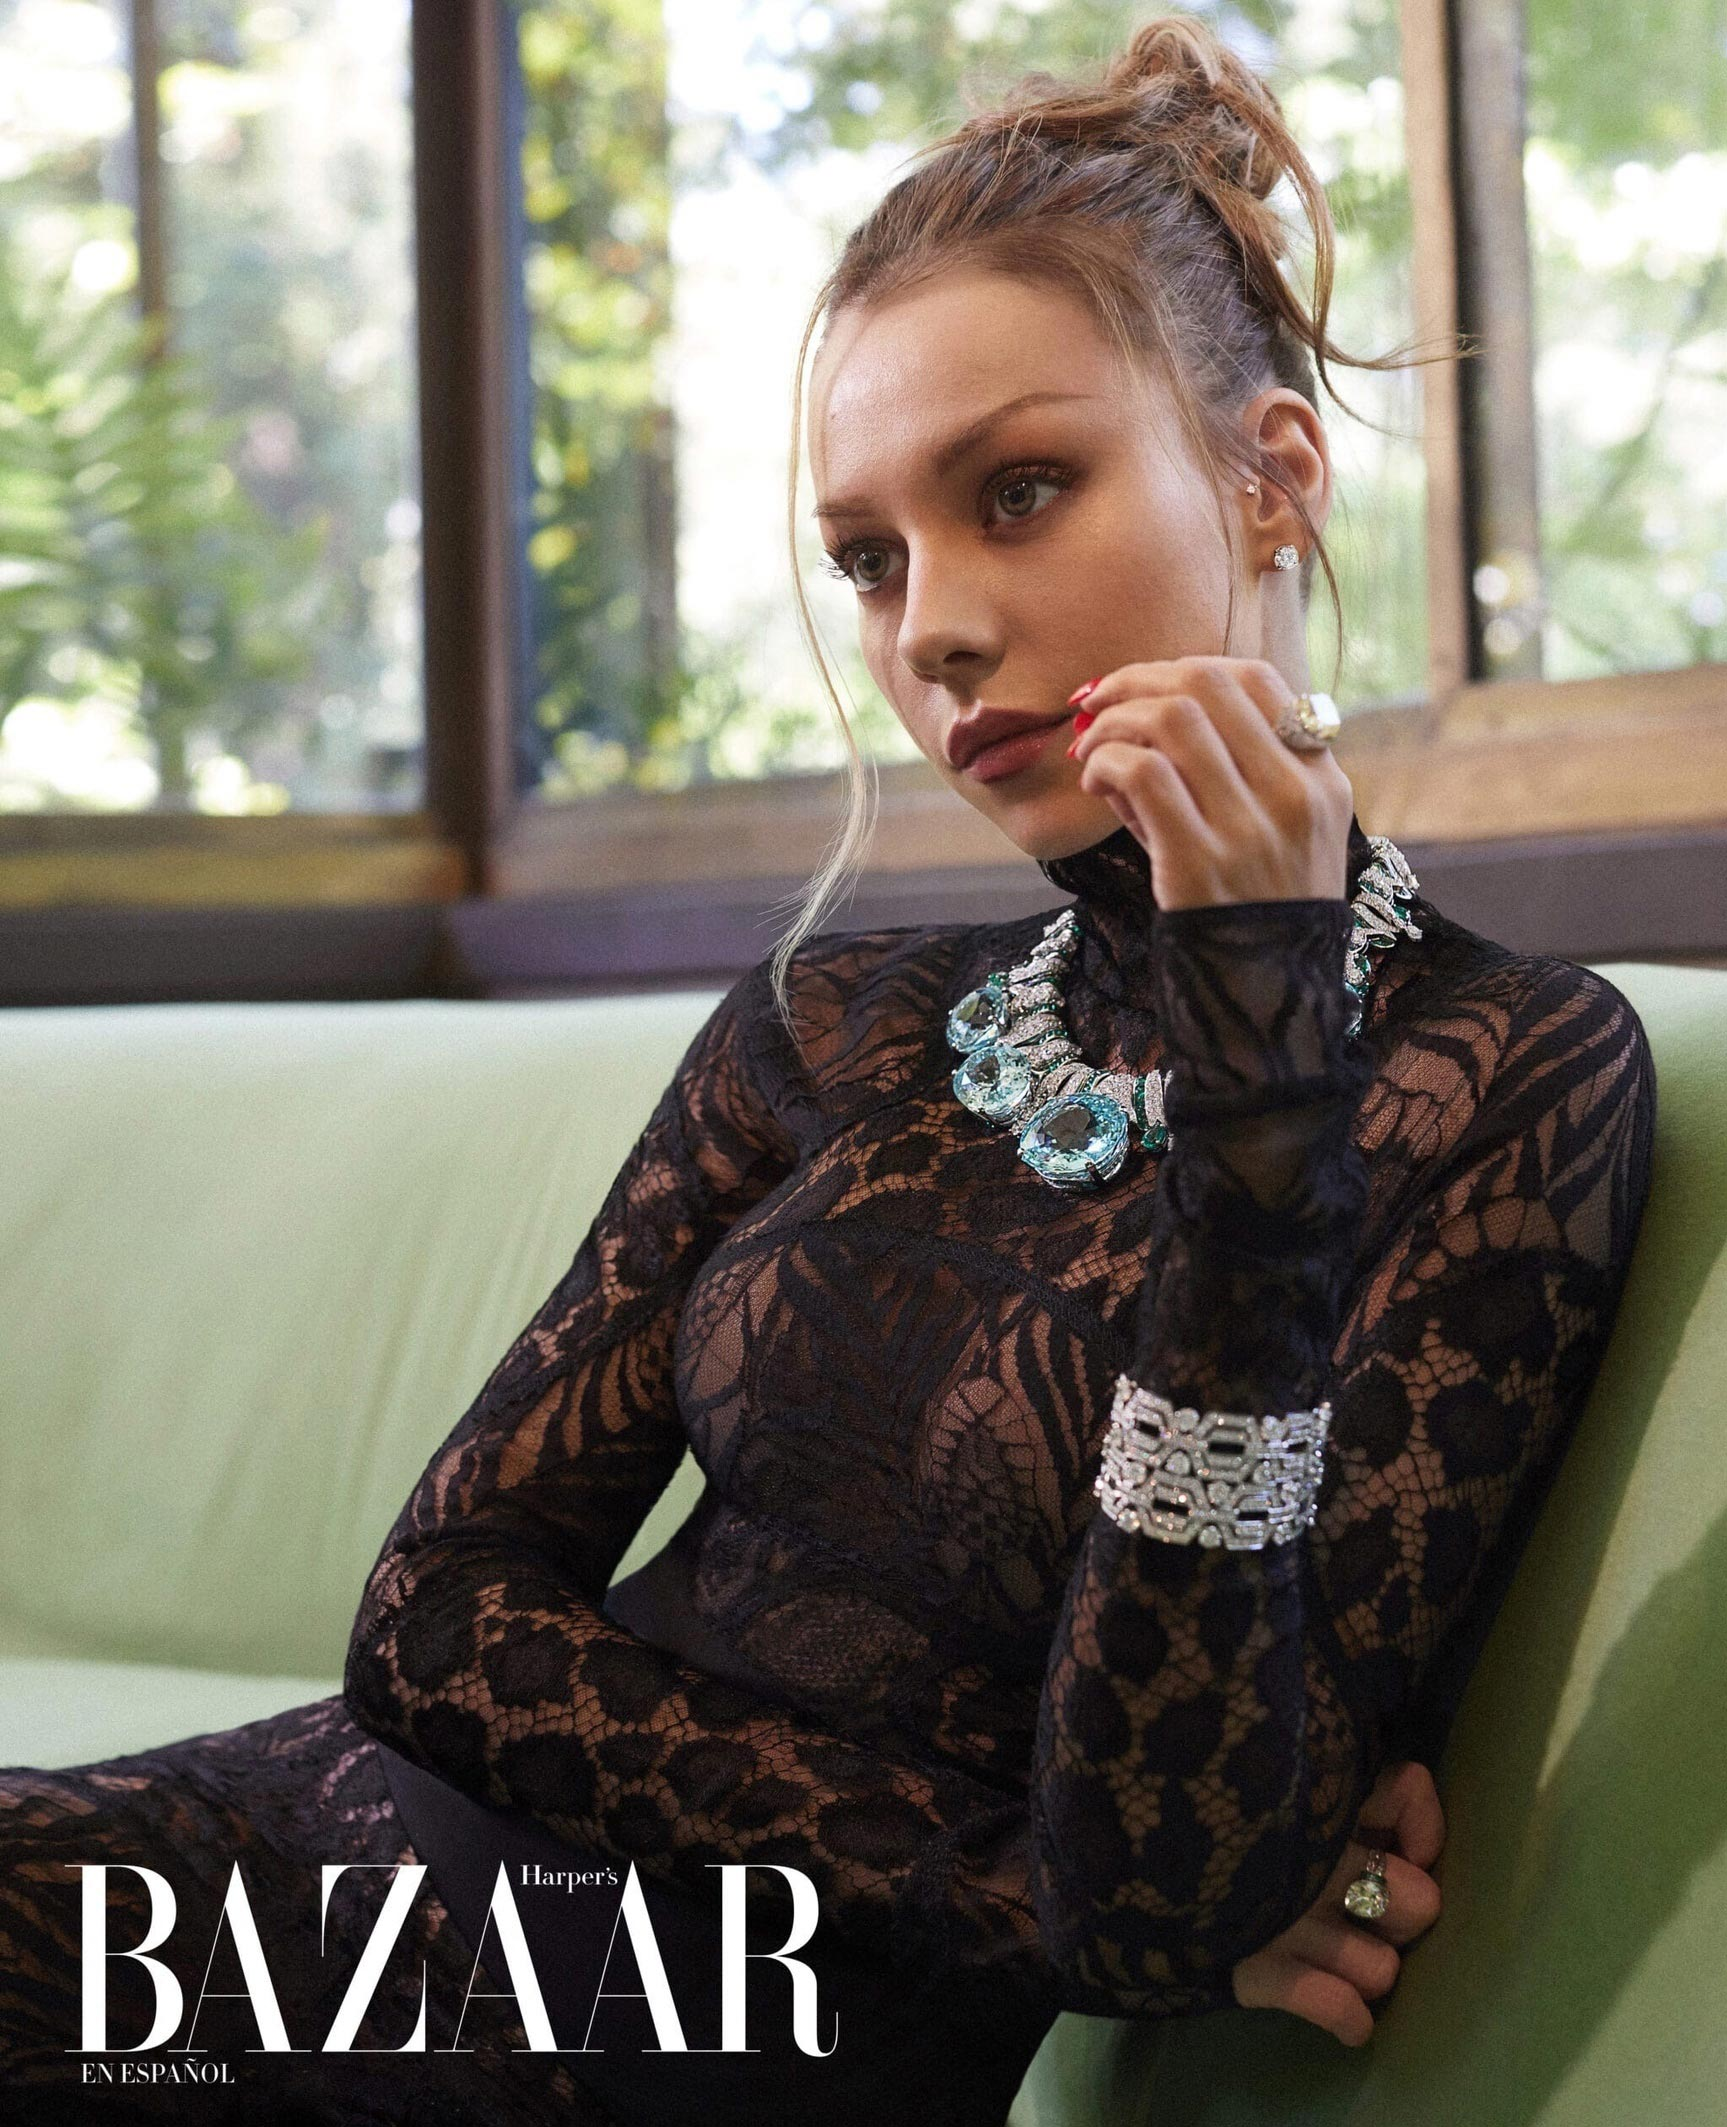 испанская актриса Эстер Экспосито демонстрирует шикарные наряды на страницах журнала Harpers Bazaar Мексика, октябрь 2021 / фото 02